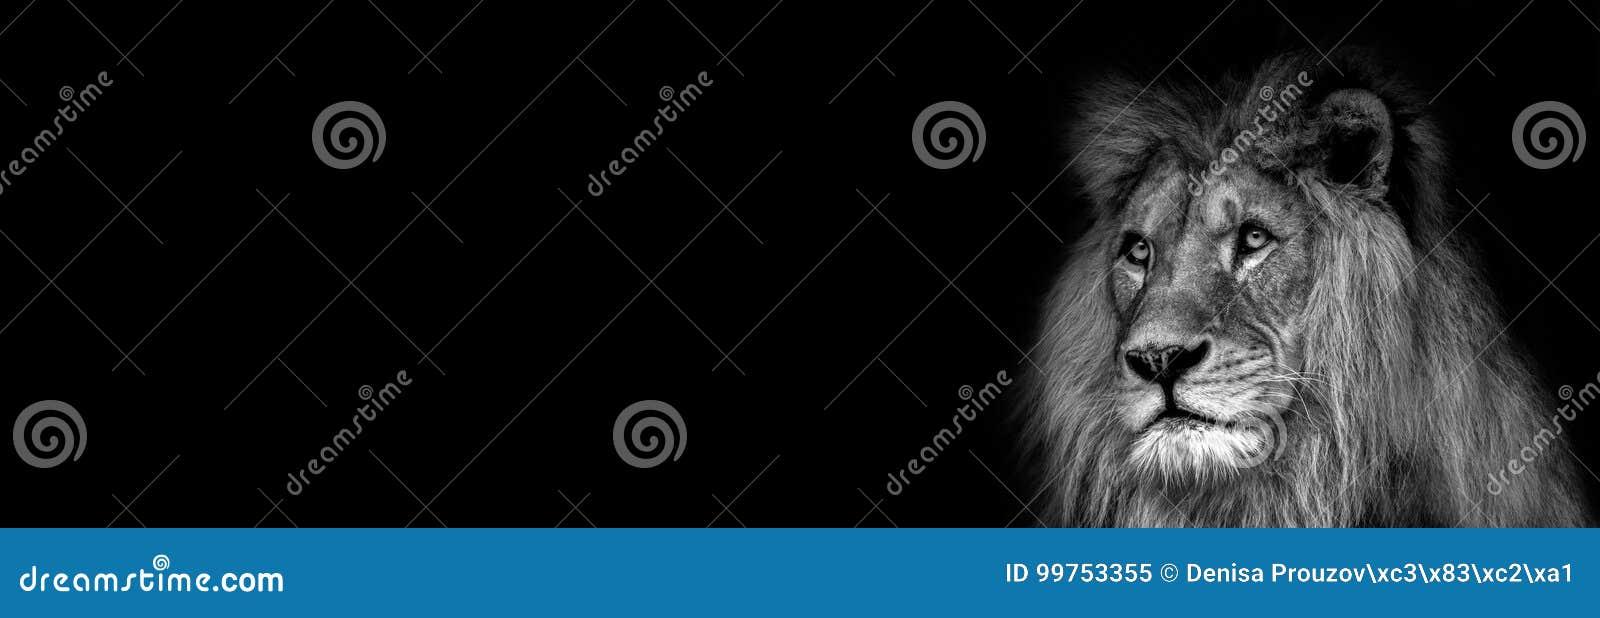 Alto contraste blanco y negro de una cara africana masculina del león